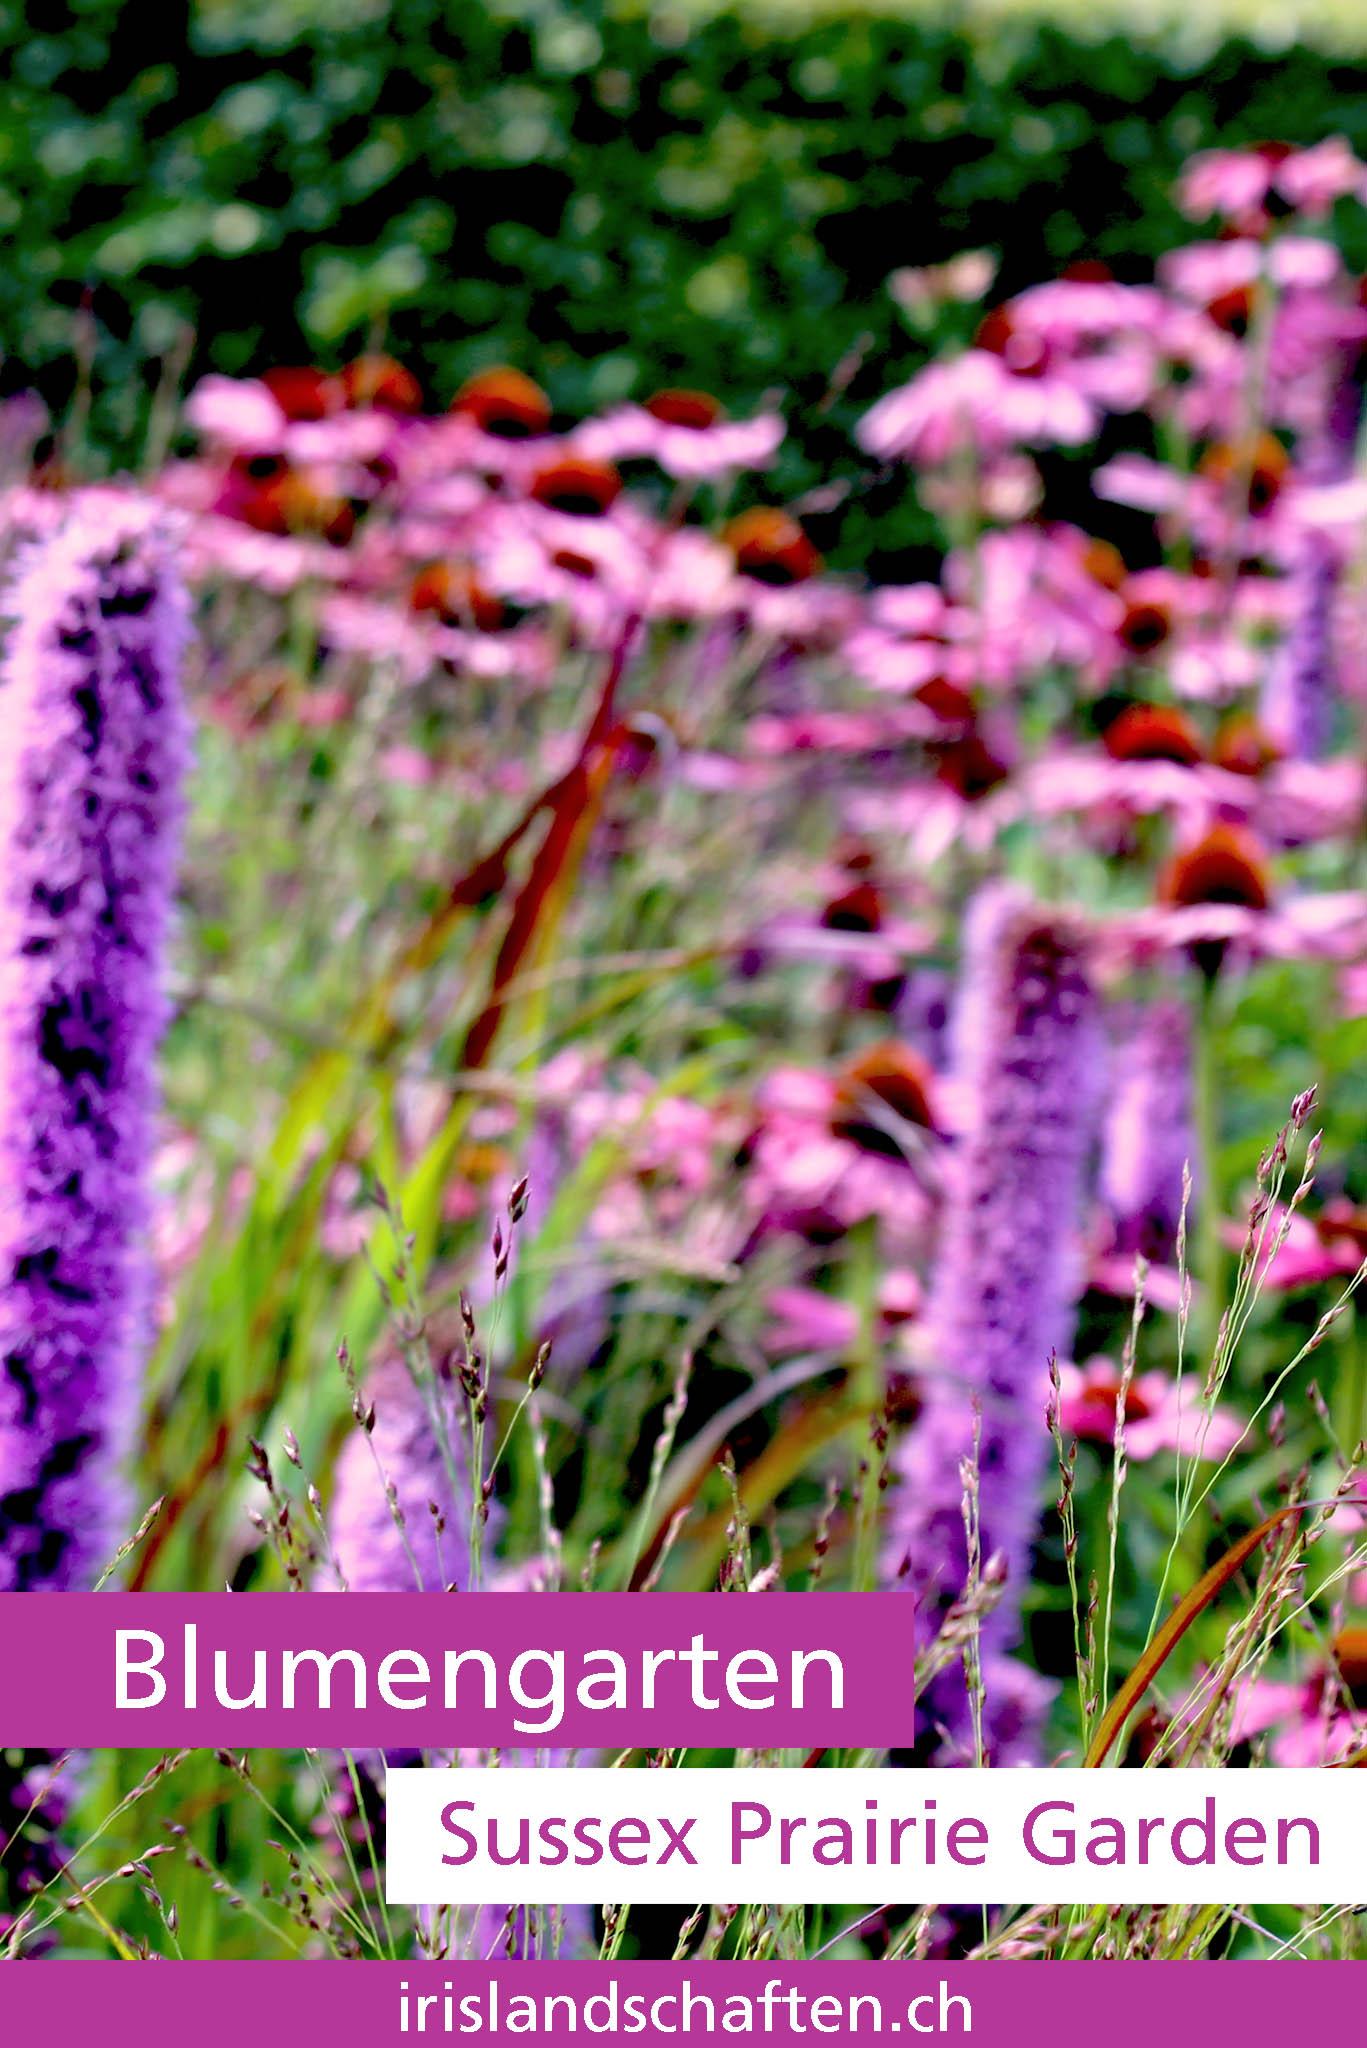 Blumengarten Welche Gartenstile gibt es